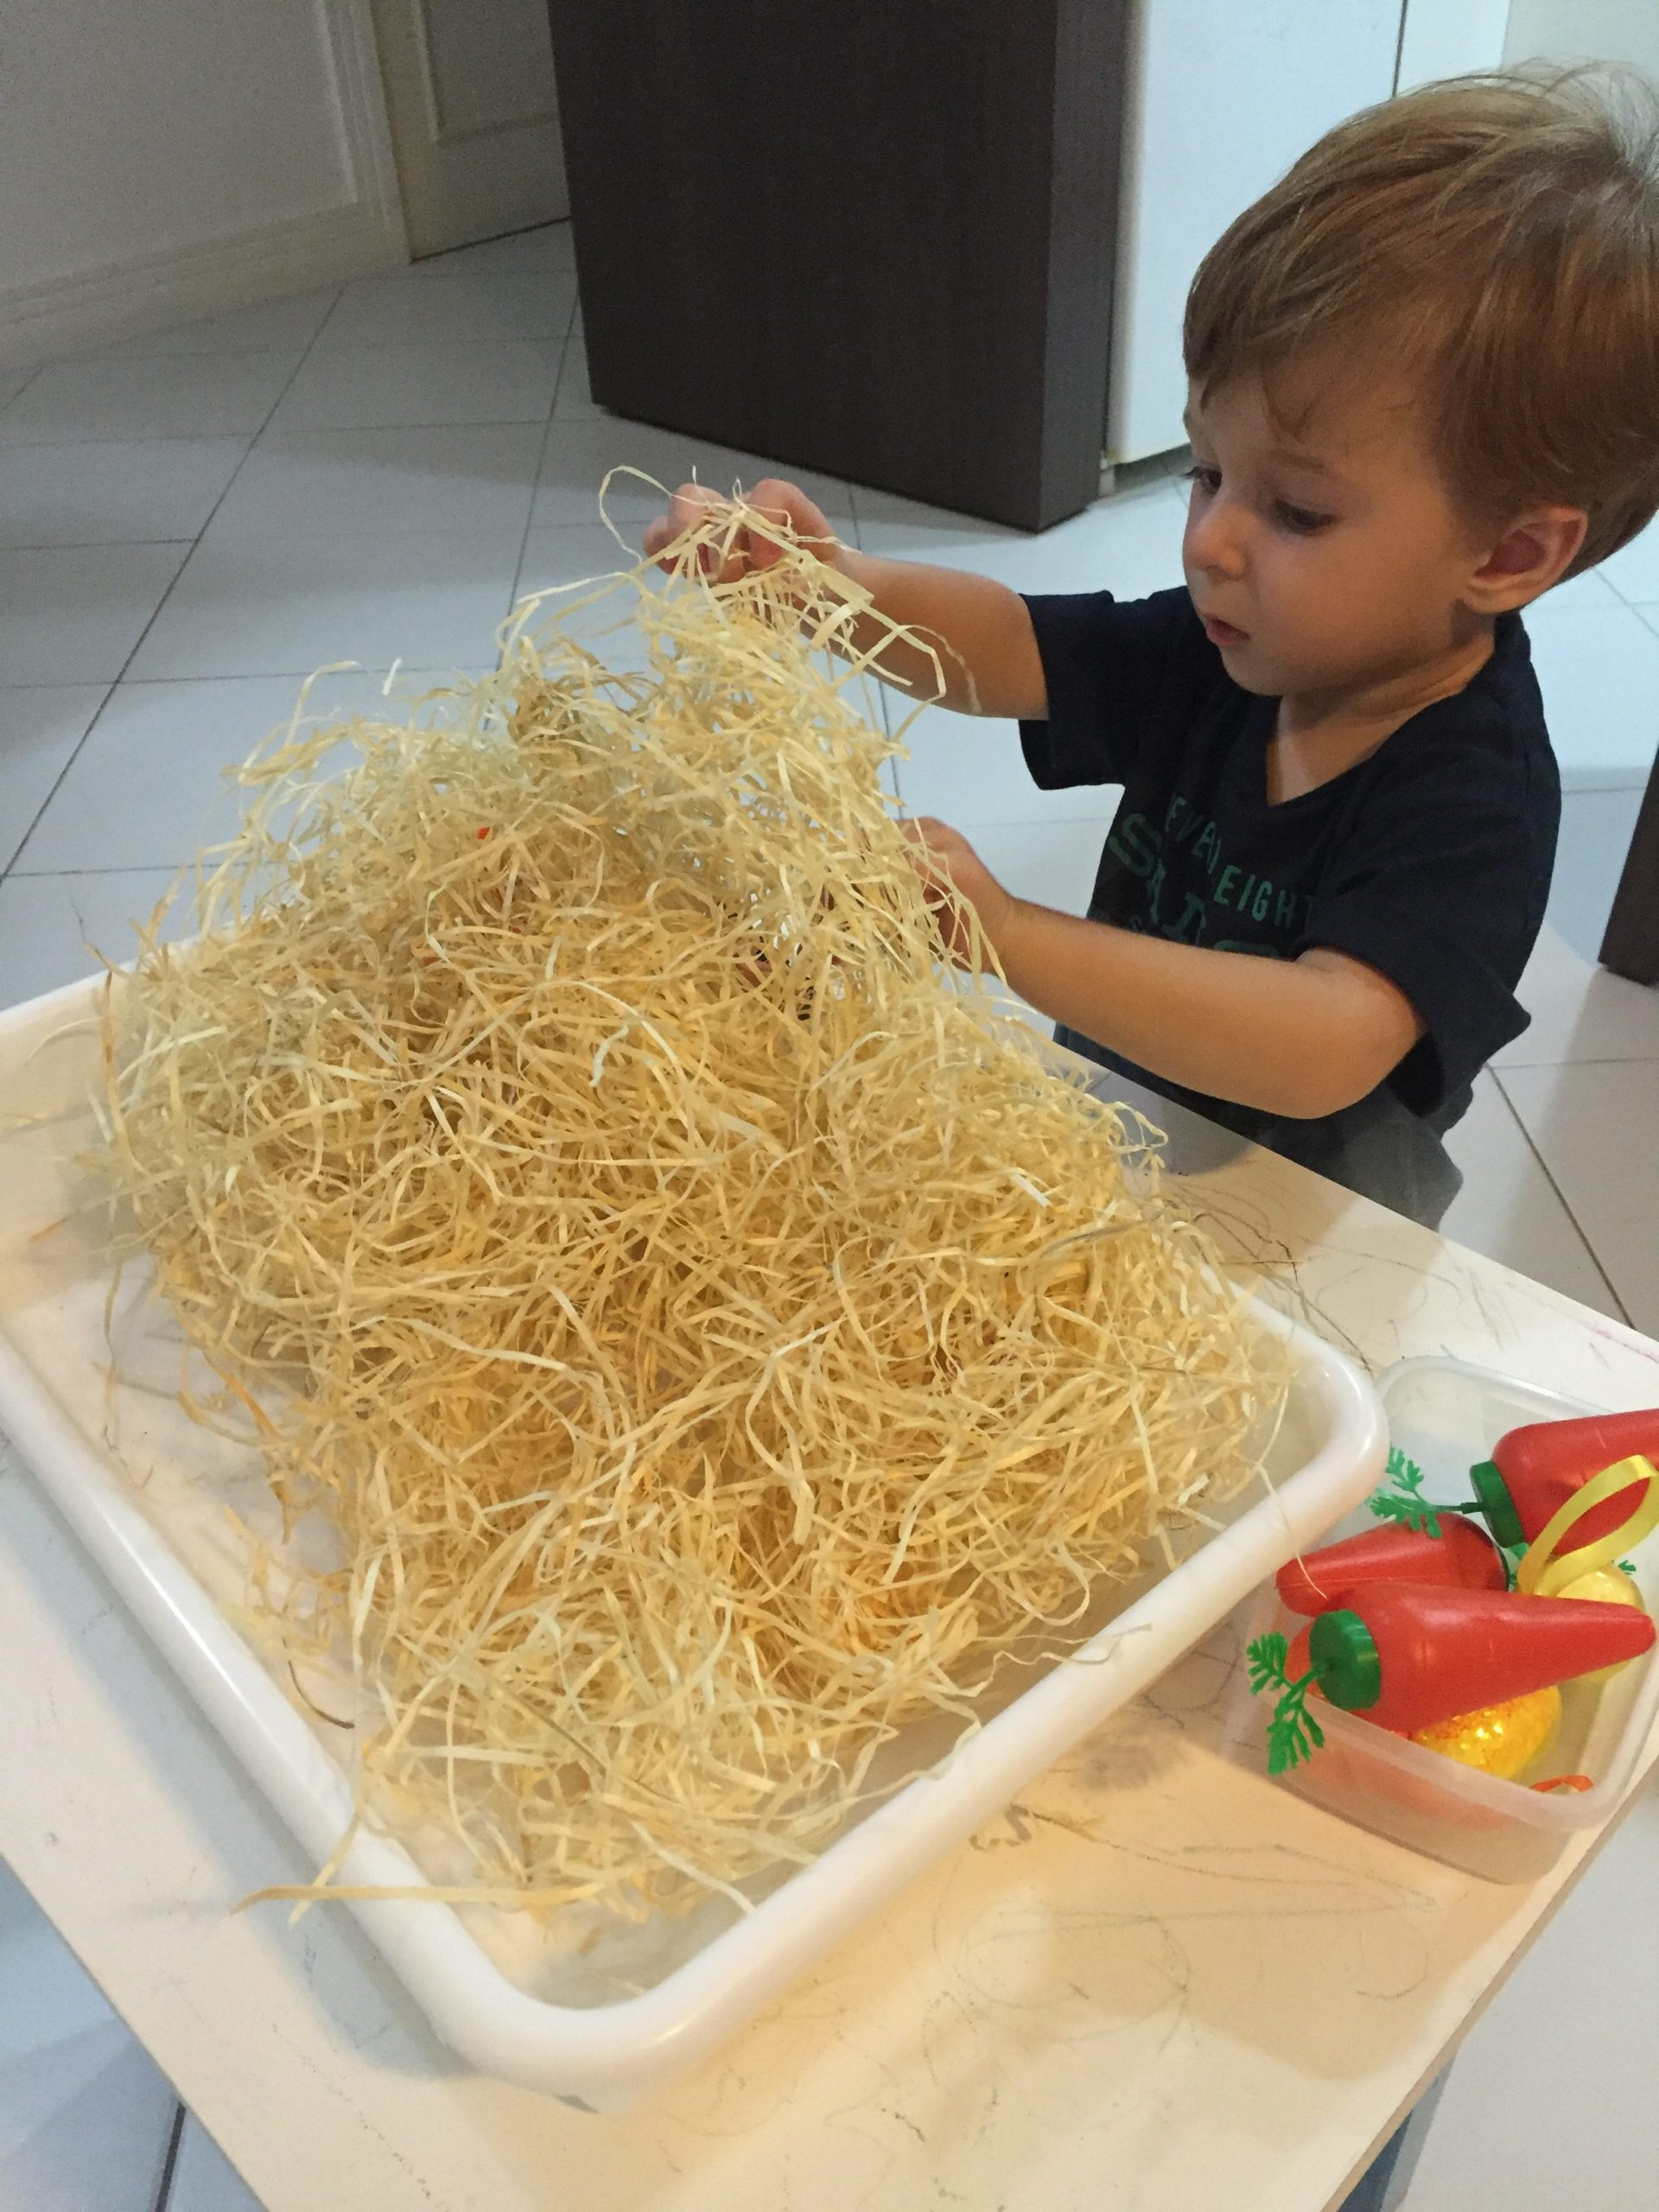 Augusto brincando com palha, bricadeira sensorial